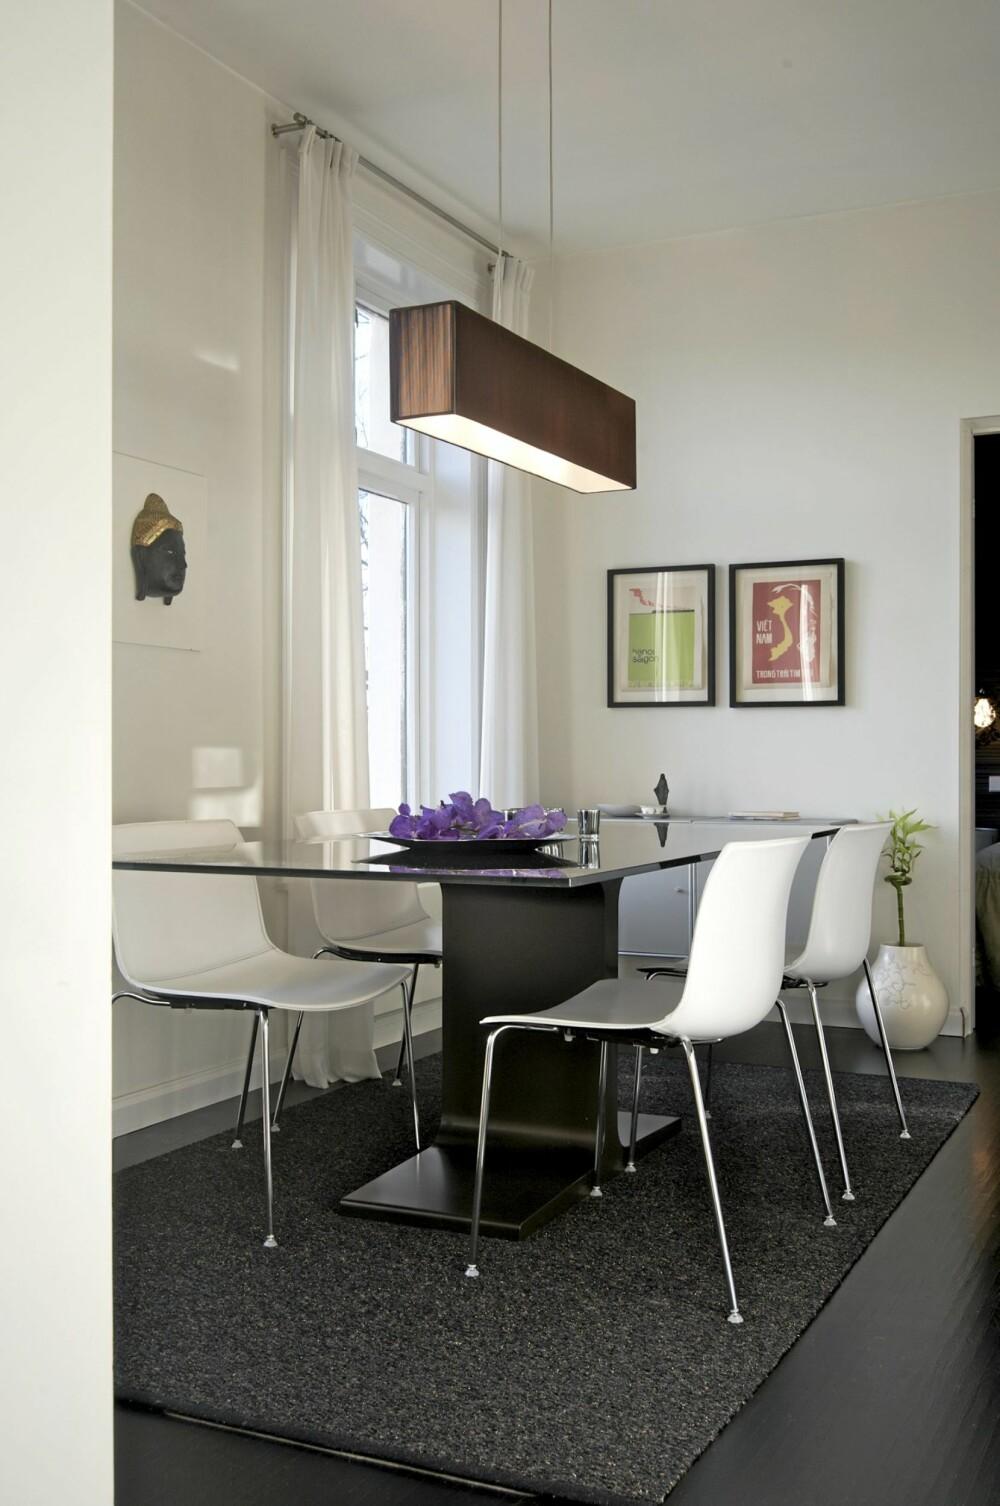 ET SAMLINGSSTED: Dette er den  populære kjøkken- og spisestuesonen. Her brukte Cathrine Vonholm et stilrent en-fots glassbord fra Sovet og glossy stoler fra Arper. Begge produsenter er italienske. Taklampe fra Axo light.